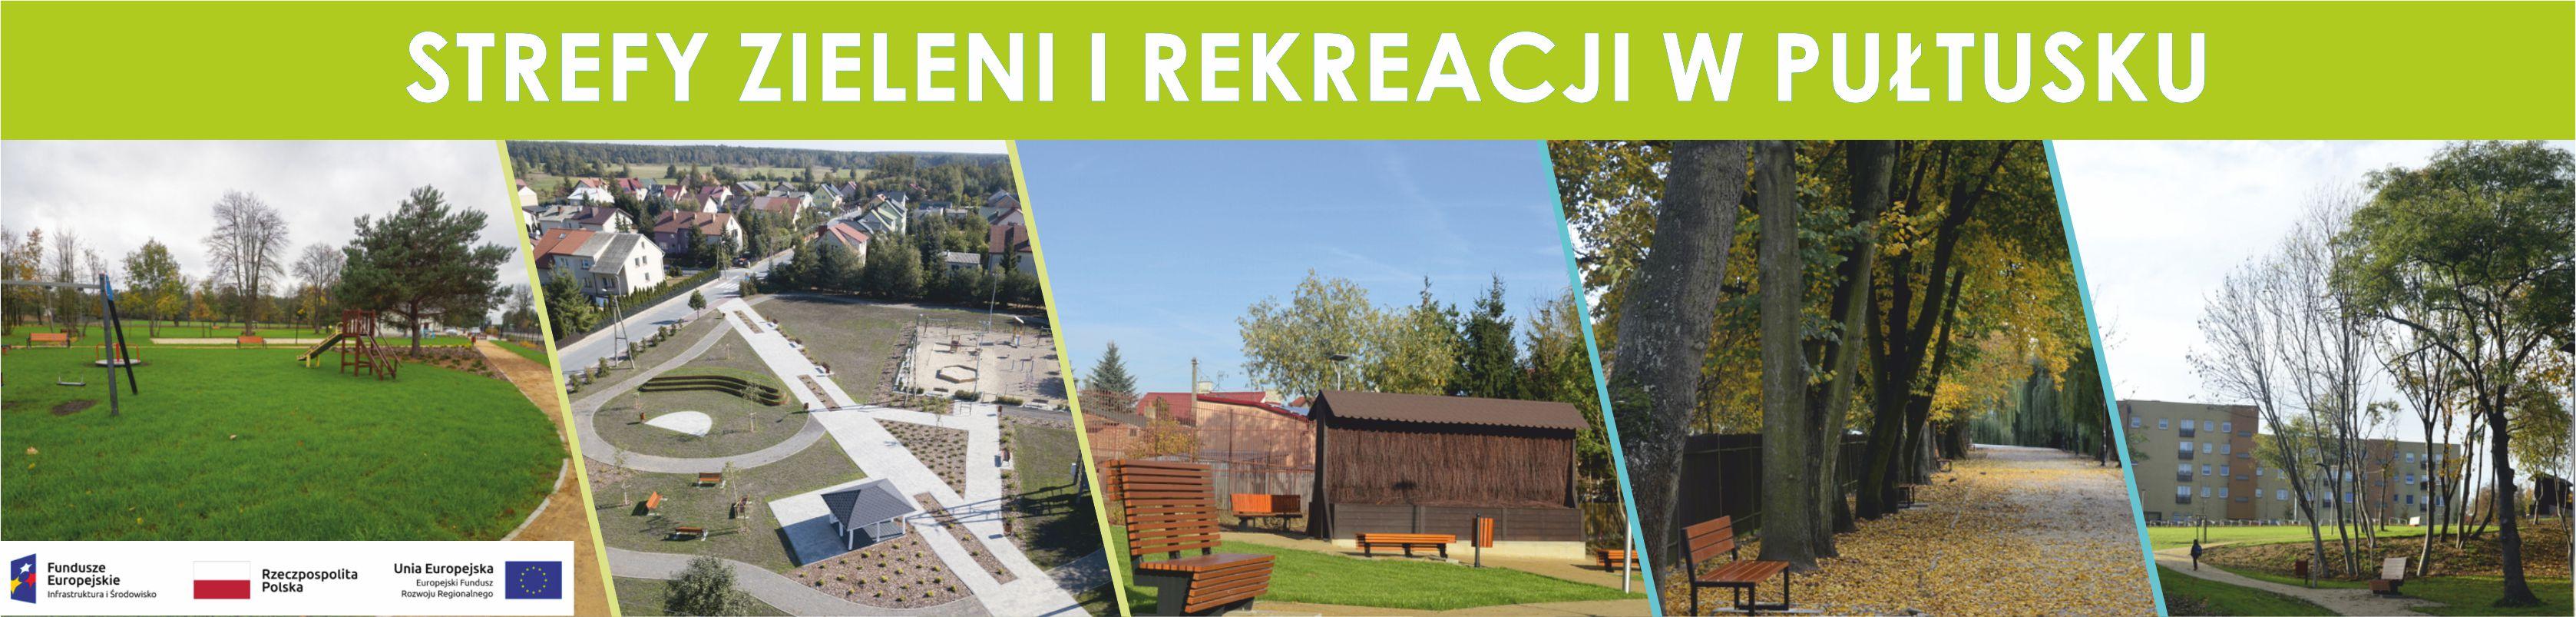 Informacje o projekcie Strefy Zieleni i Rekreacji w Pułtusku